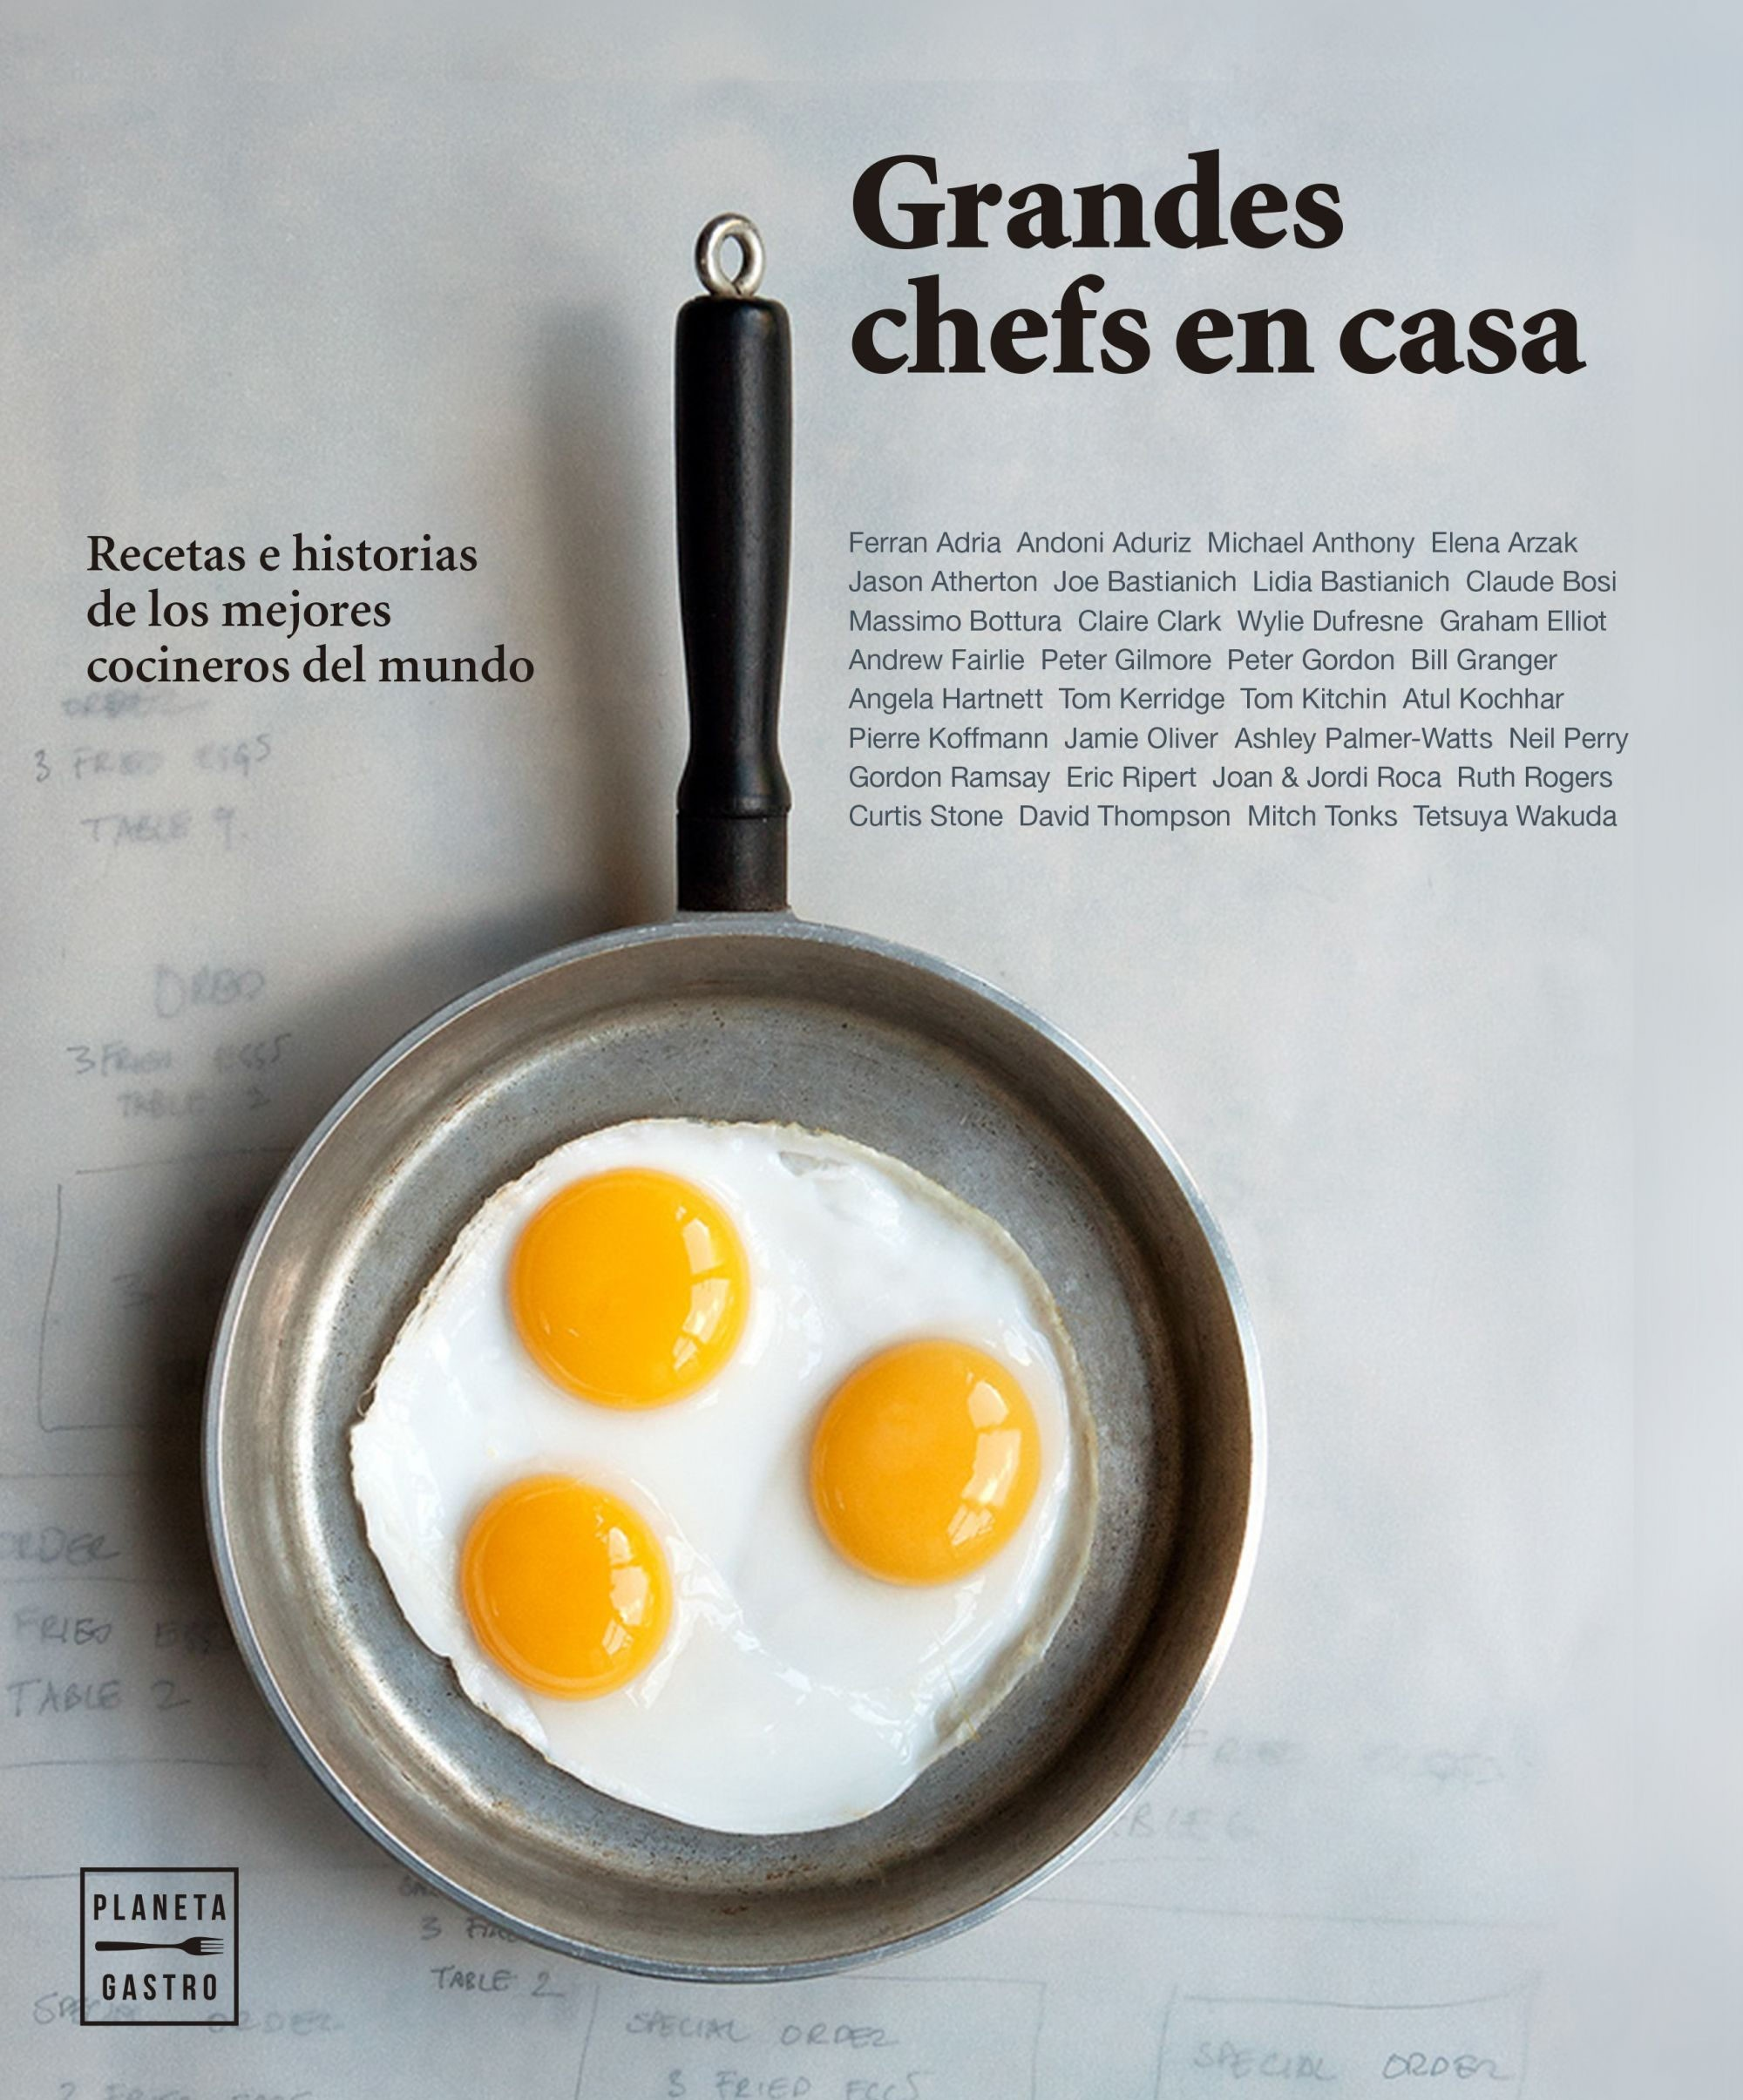 Grandes Chefs en casa - Planeta Gastro